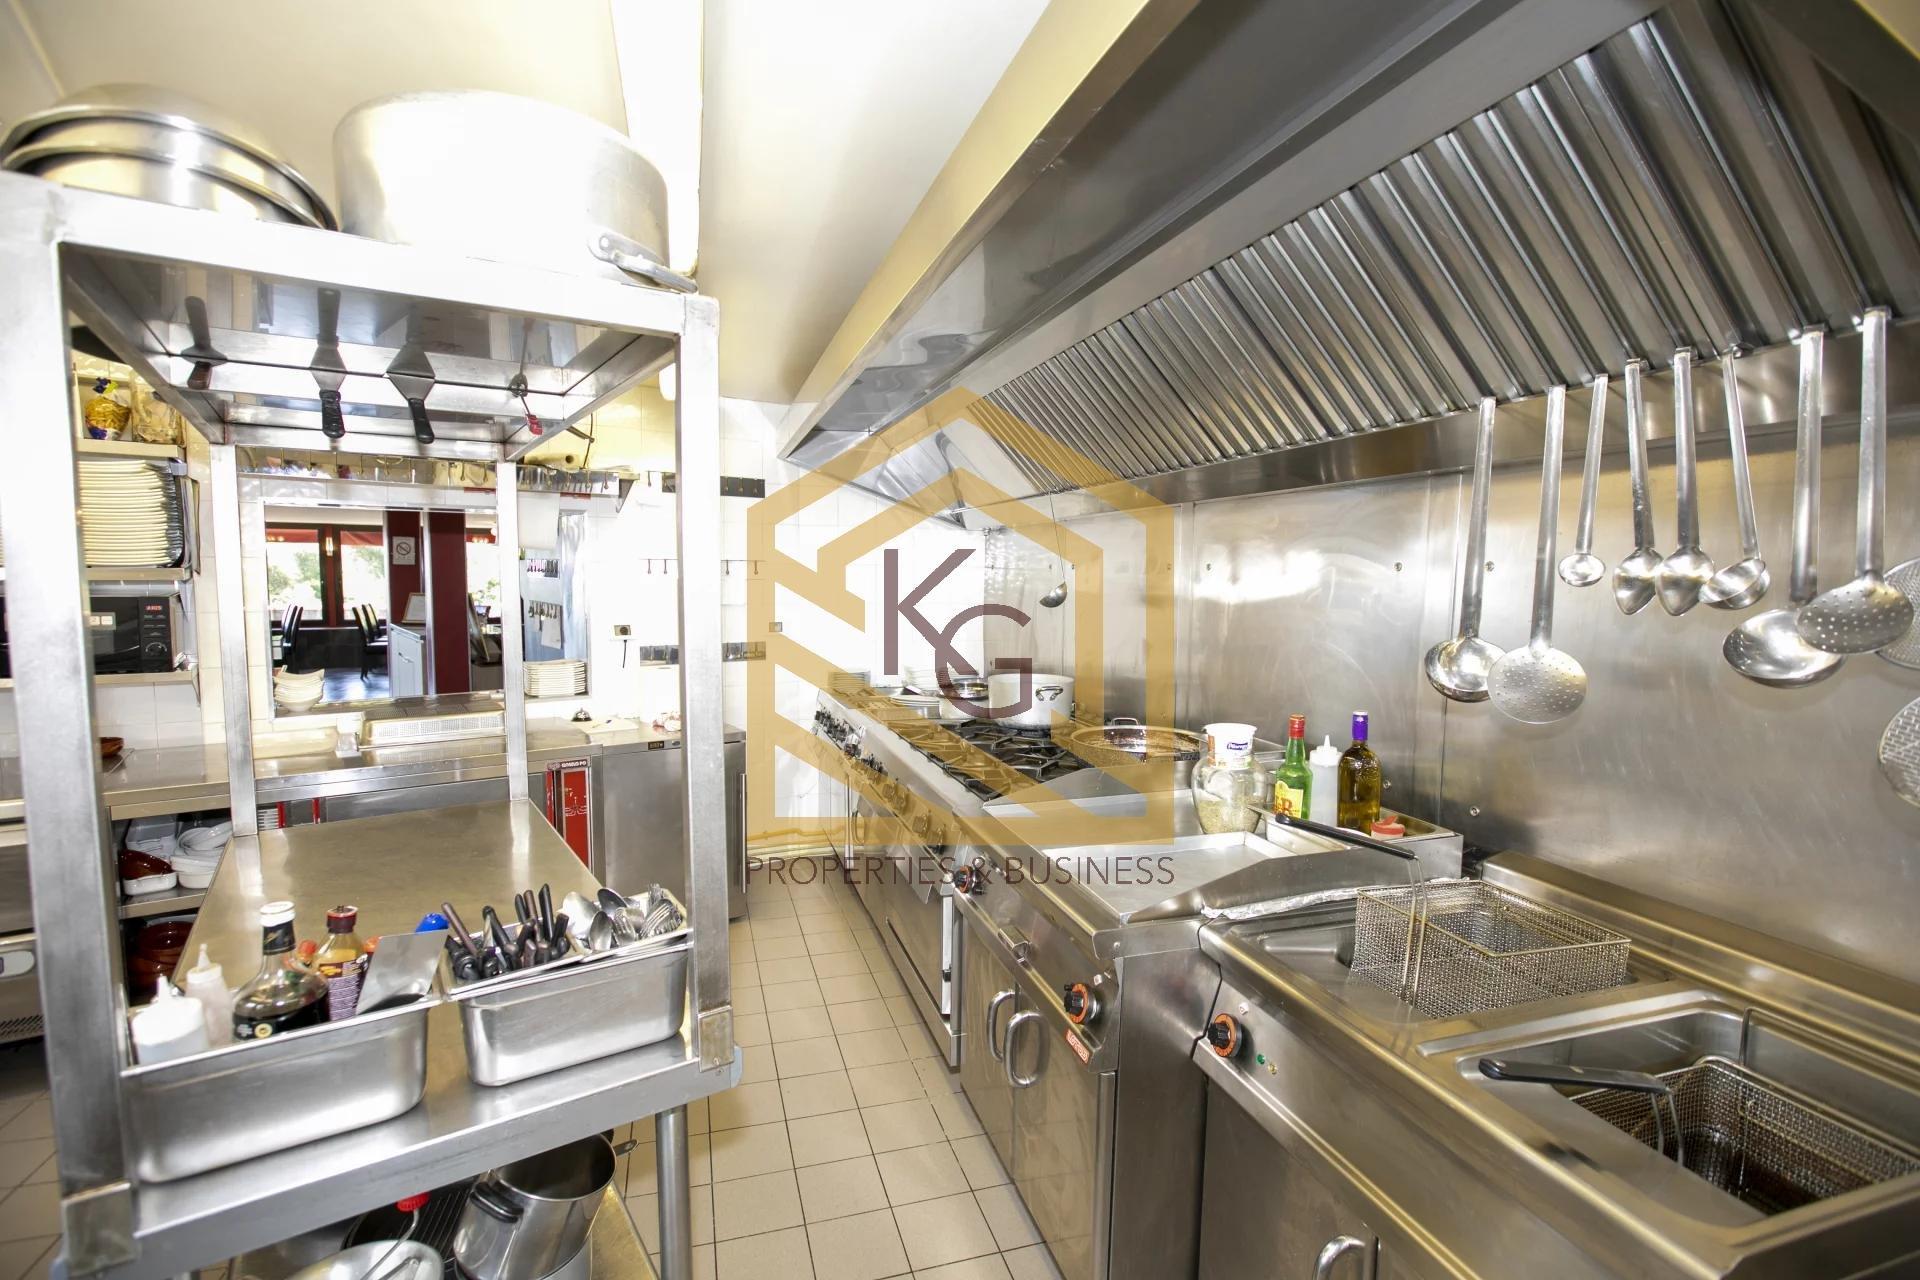 A vendre Hôtel restaurant sur la Côte d'Azur